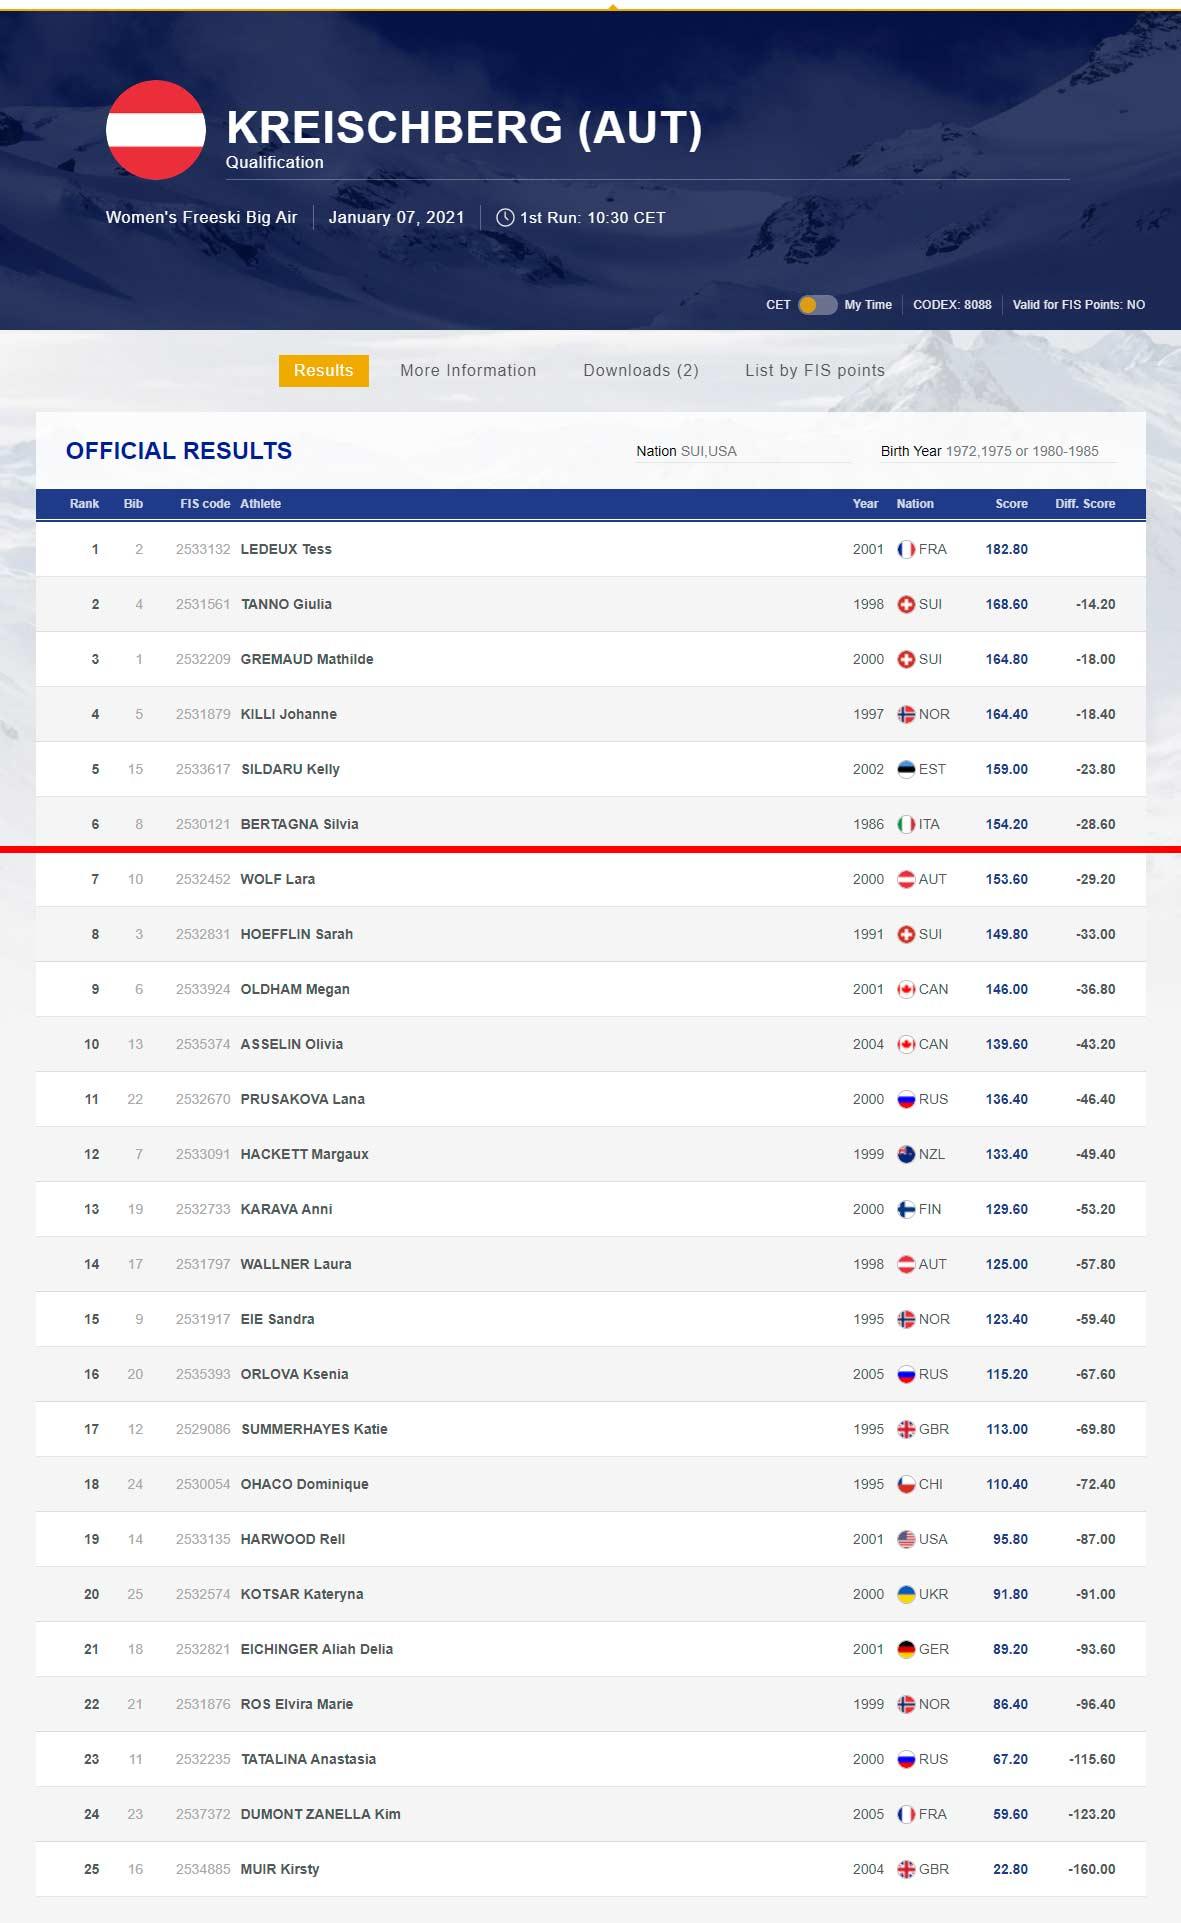 Das Ergebniss der Frauen vom FIS Freestyle Big Air Contest (Qualifikation) in Kreischberg in der Übersicht.